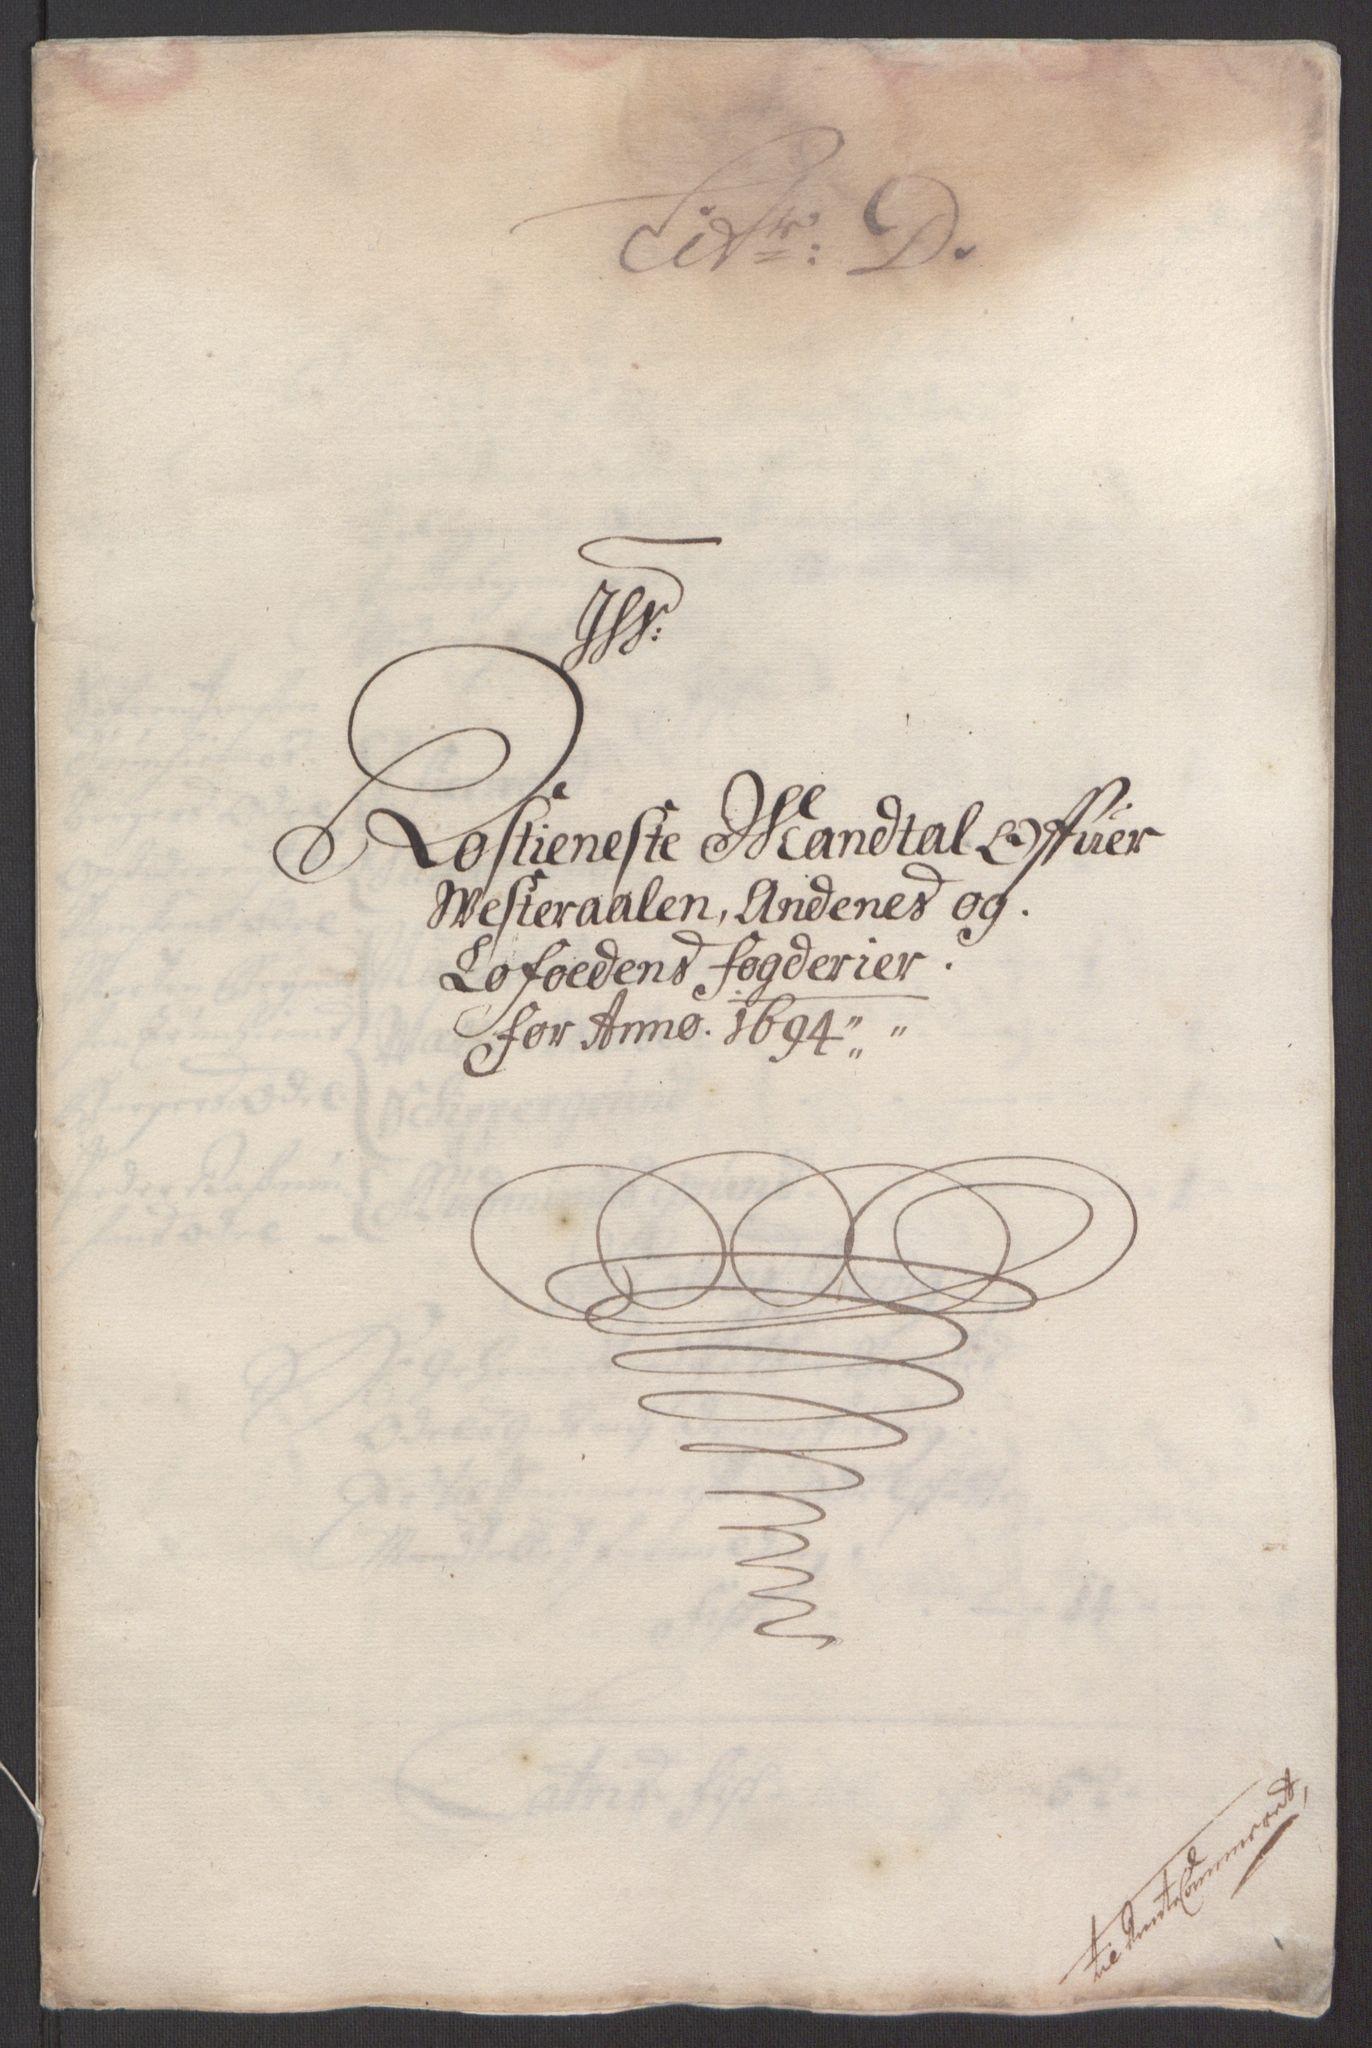 RA, Rentekammeret inntil 1814, Reviderte regnskaper, Fogderegnskap, R67/L4677: Fogderegnskap Vesterålen, Andenes og Lofoten, 1694-1695, s. 70